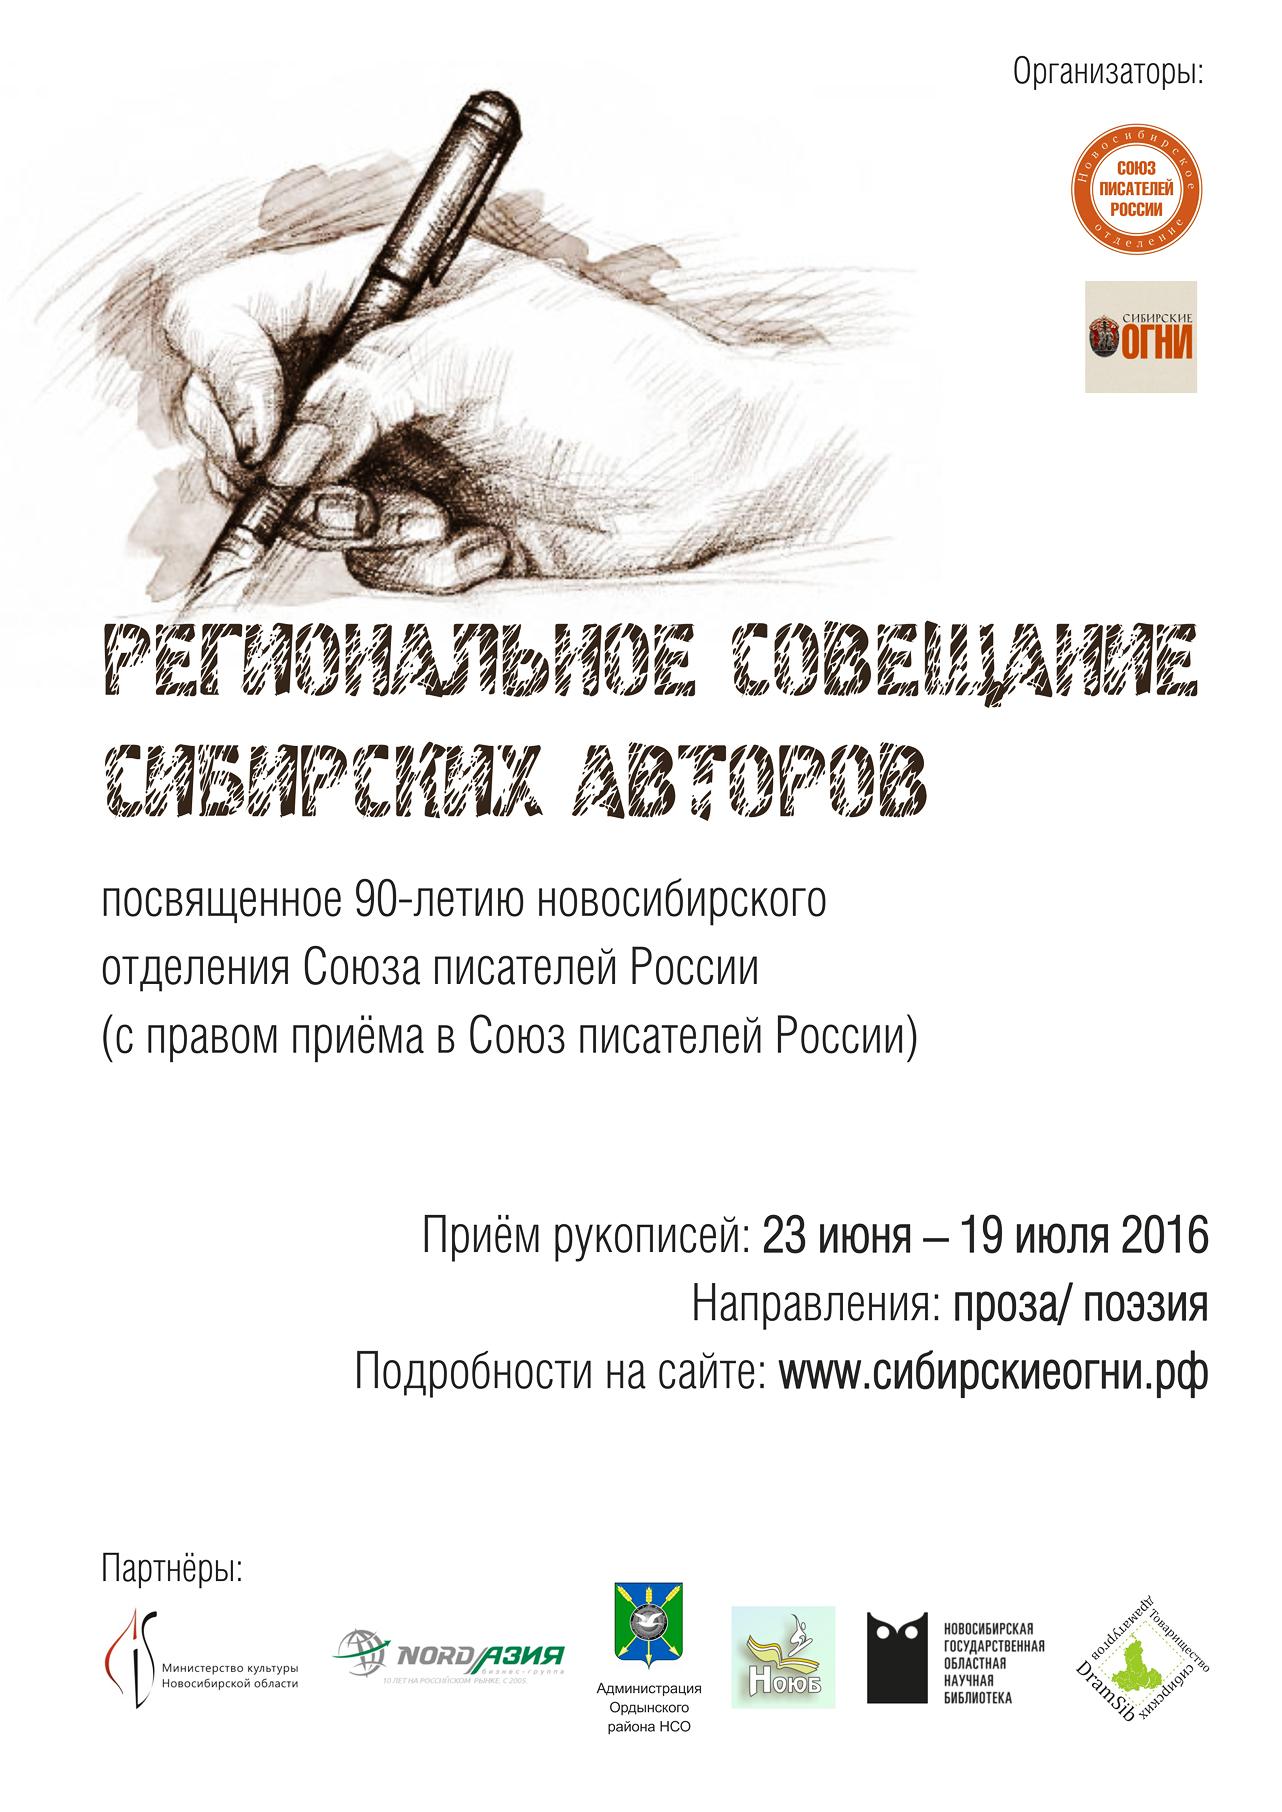 Региональное совещание сибирских авторов